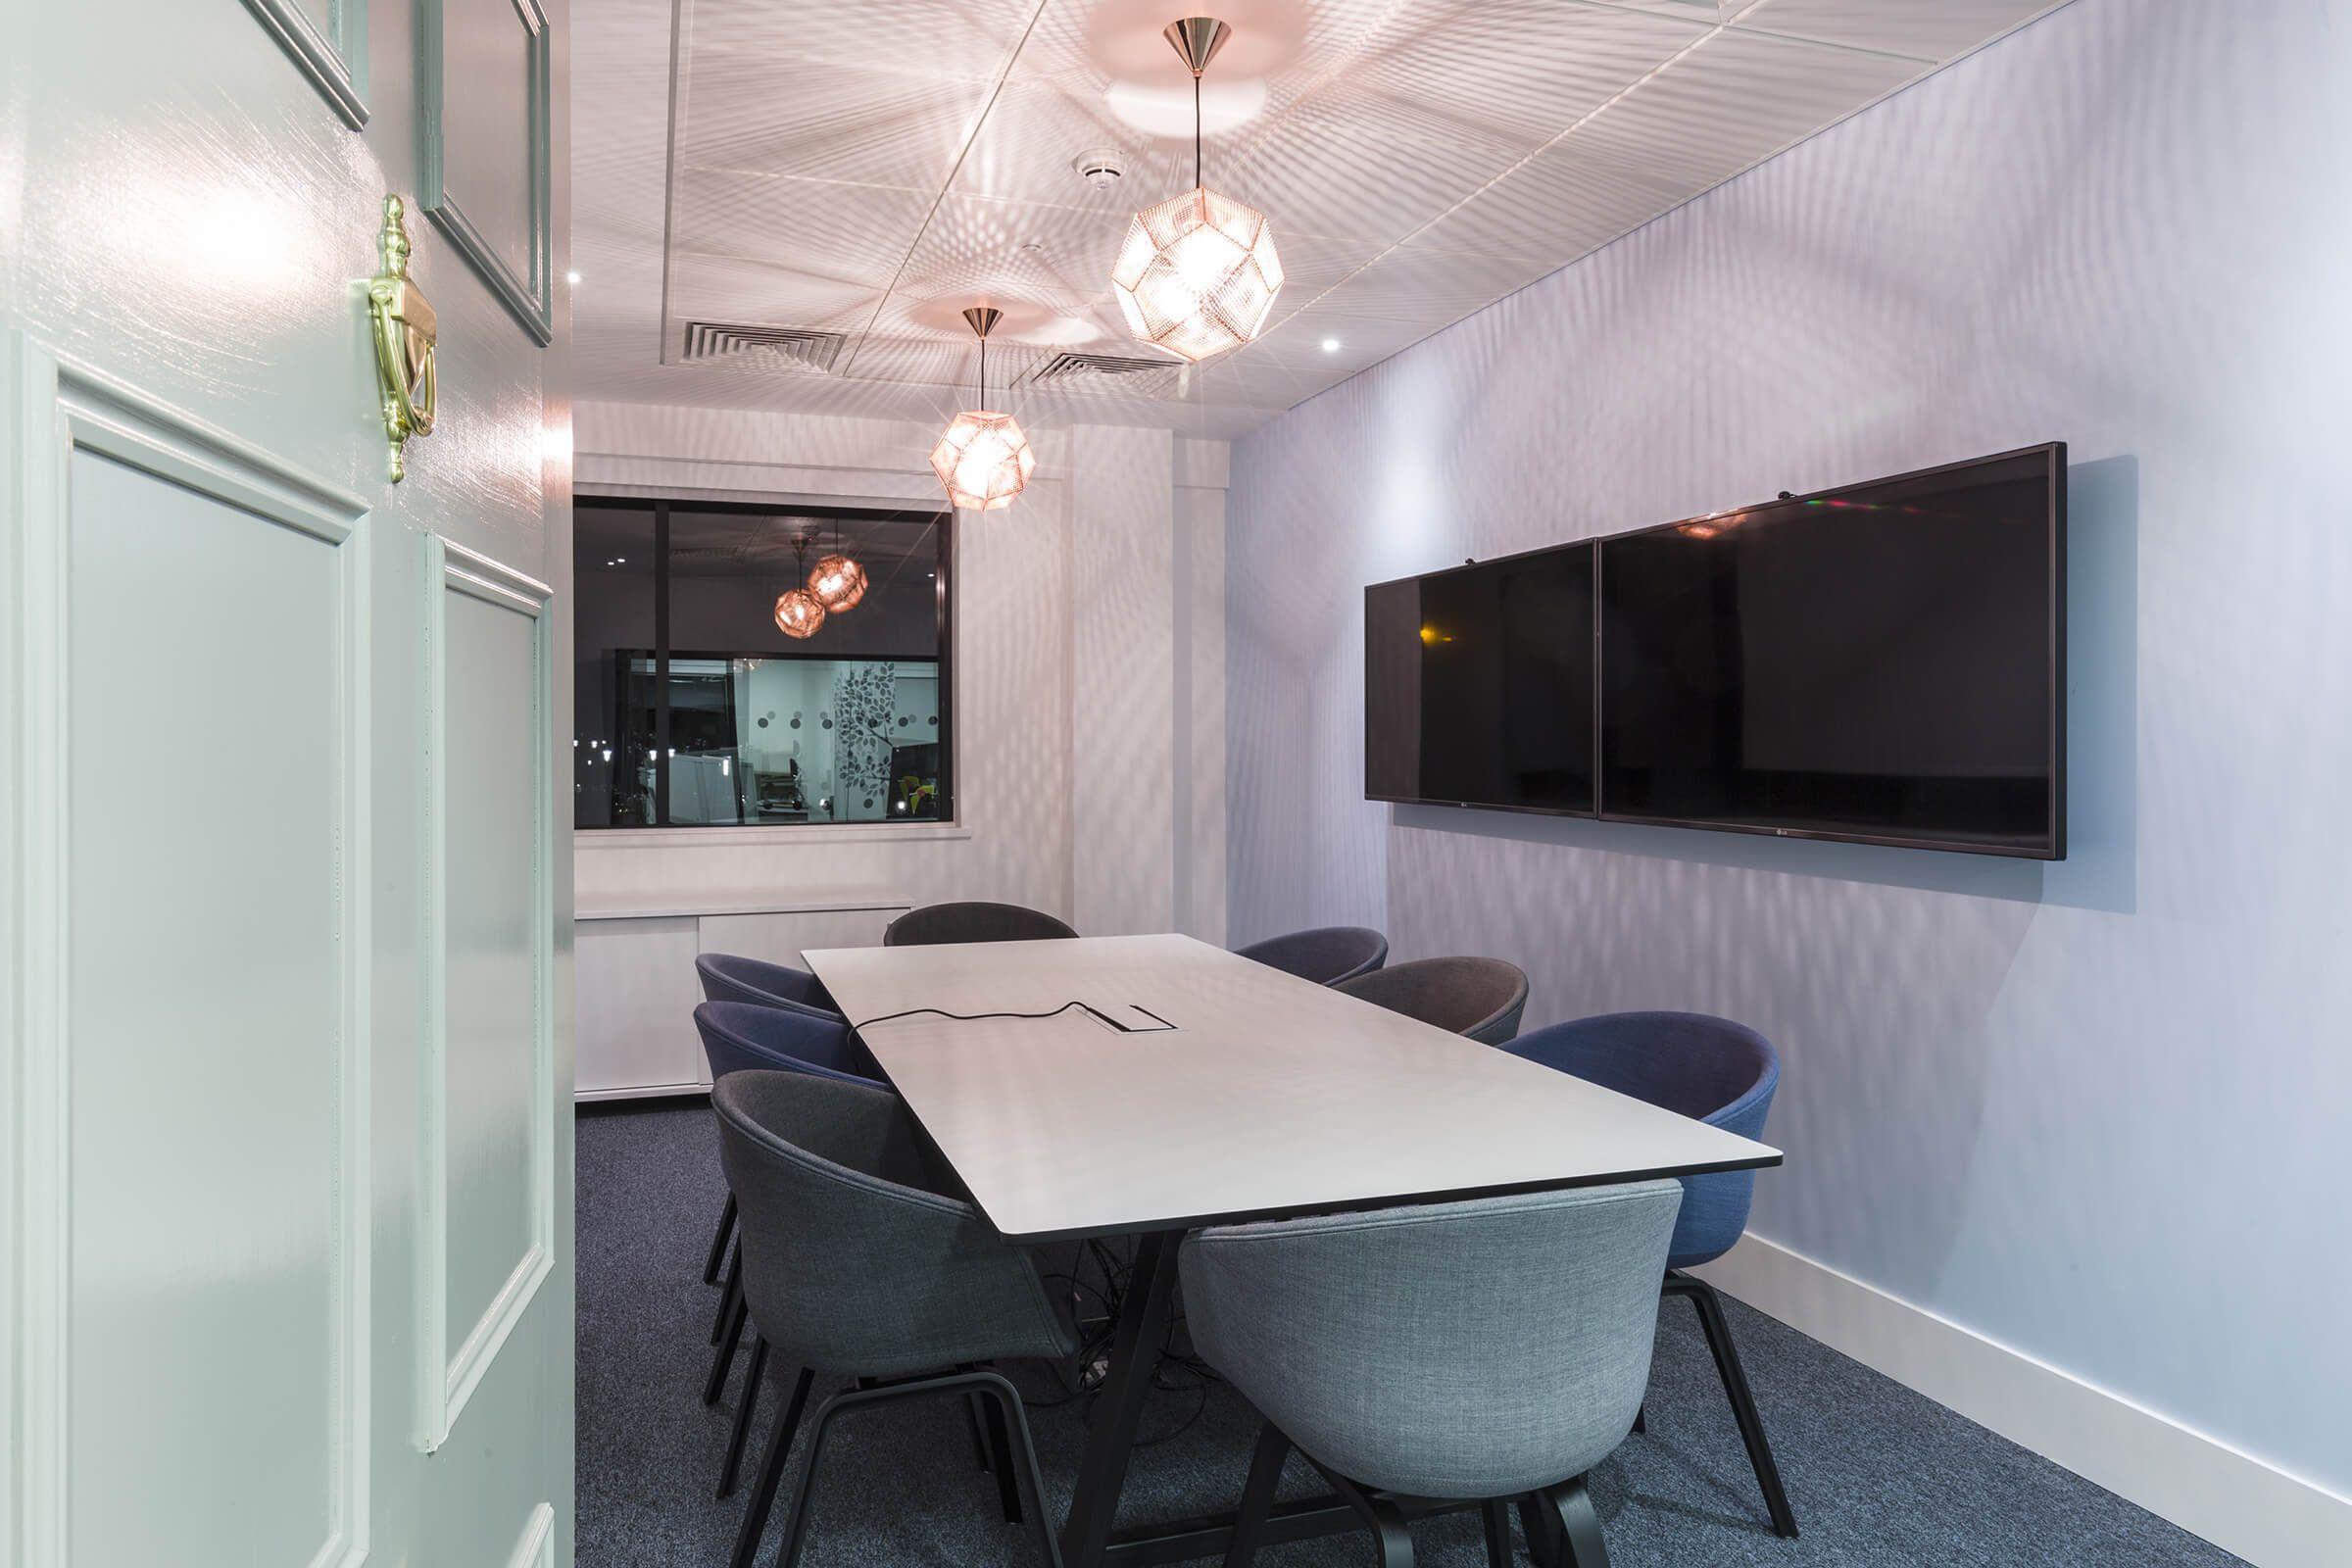 Inova Pizza Hut Design Furniture Office Commercial